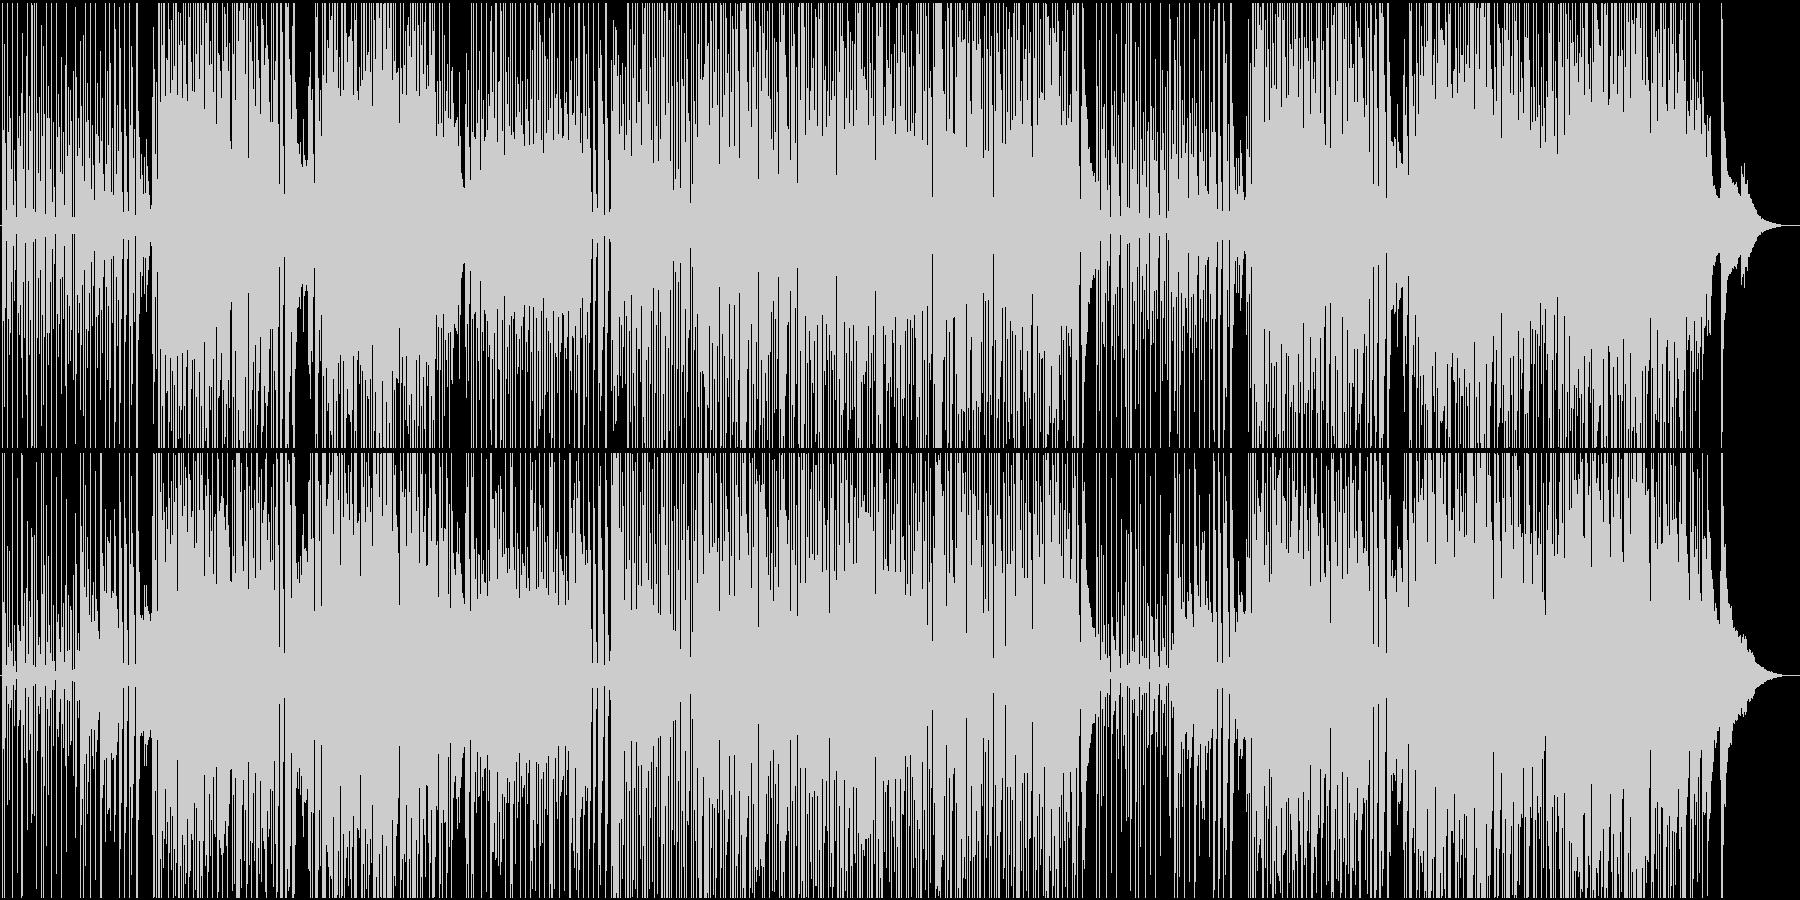 パーカッションいっぱいのゆったりラテンの未再生の波形